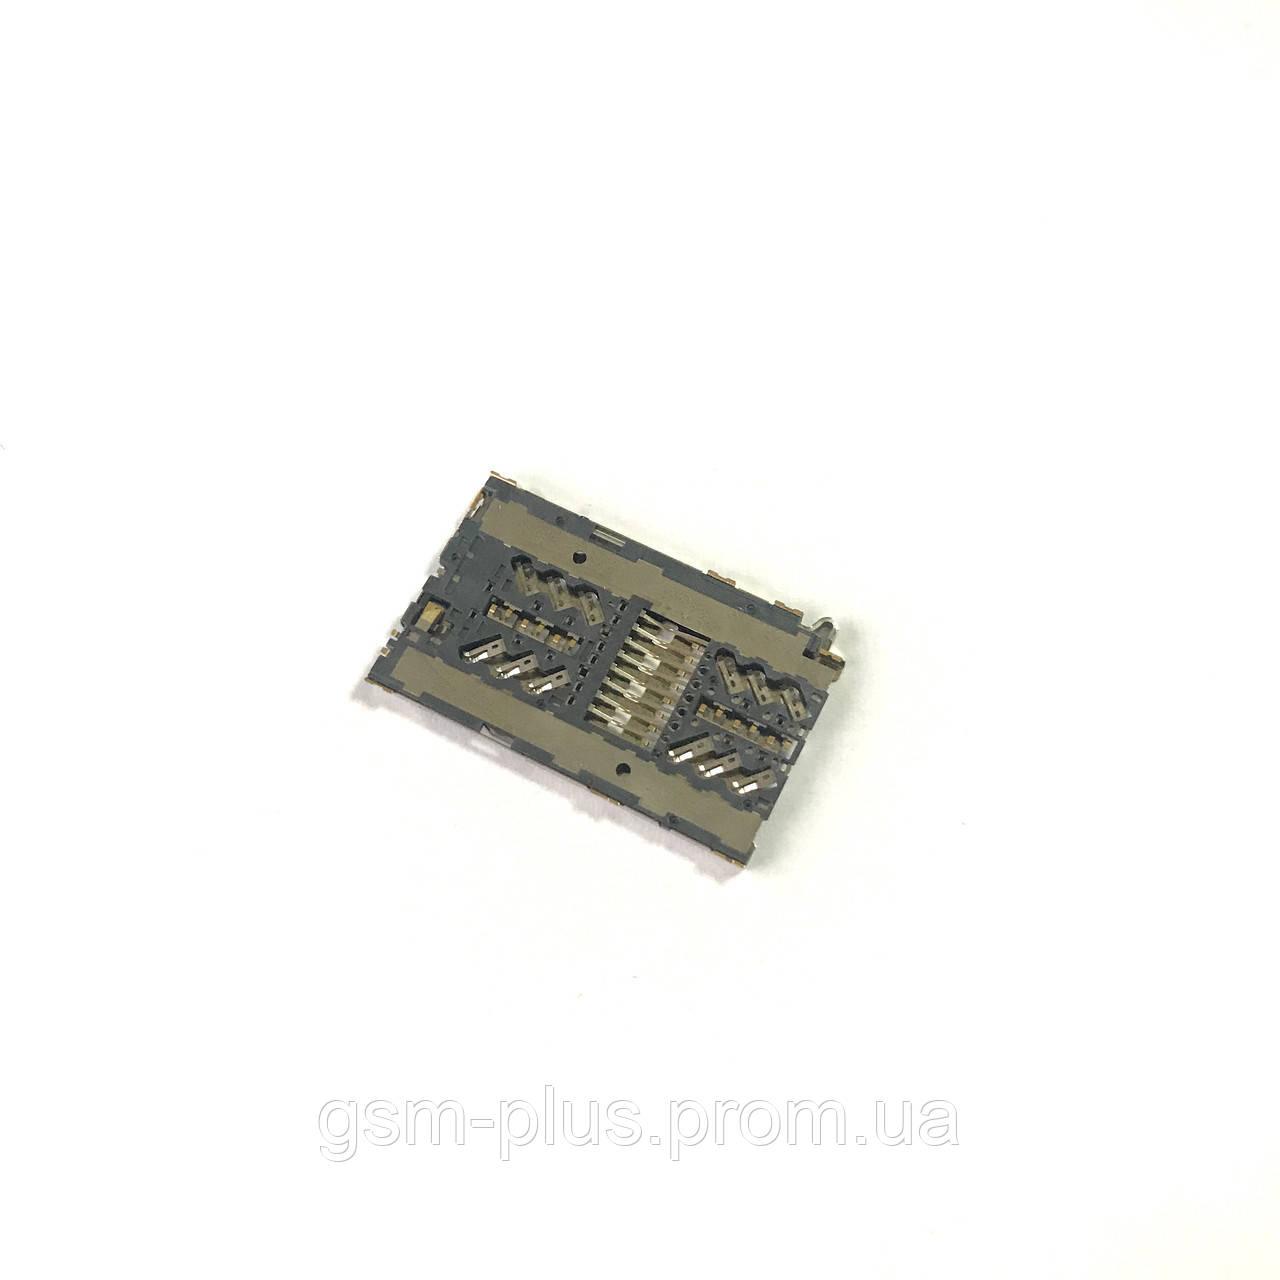 Сим коннектор для Lenovo / A520 / A580 / A690 / A780 / A800 / A890 / P90